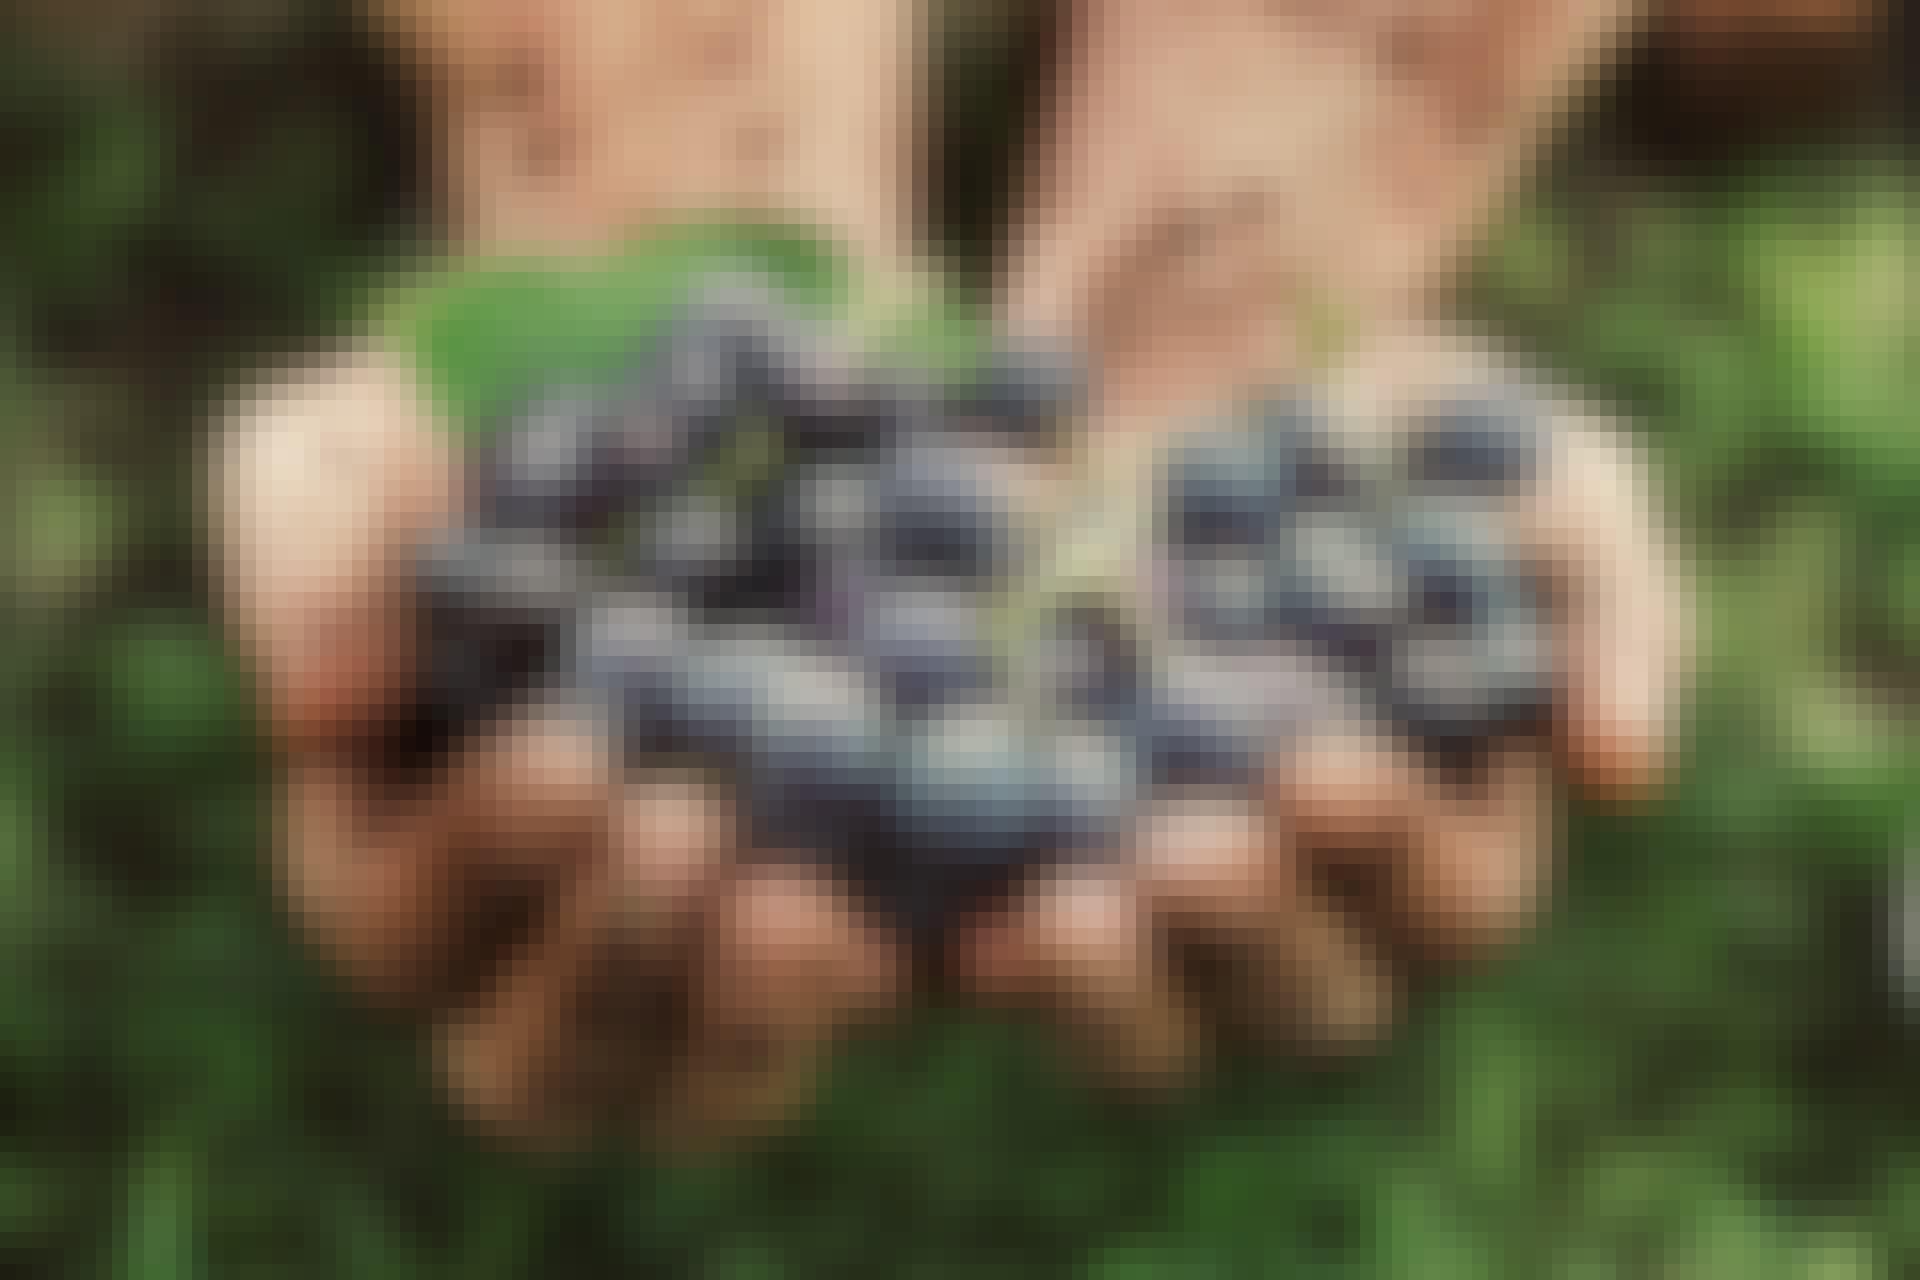 Hvordan laver man stenfri druer?